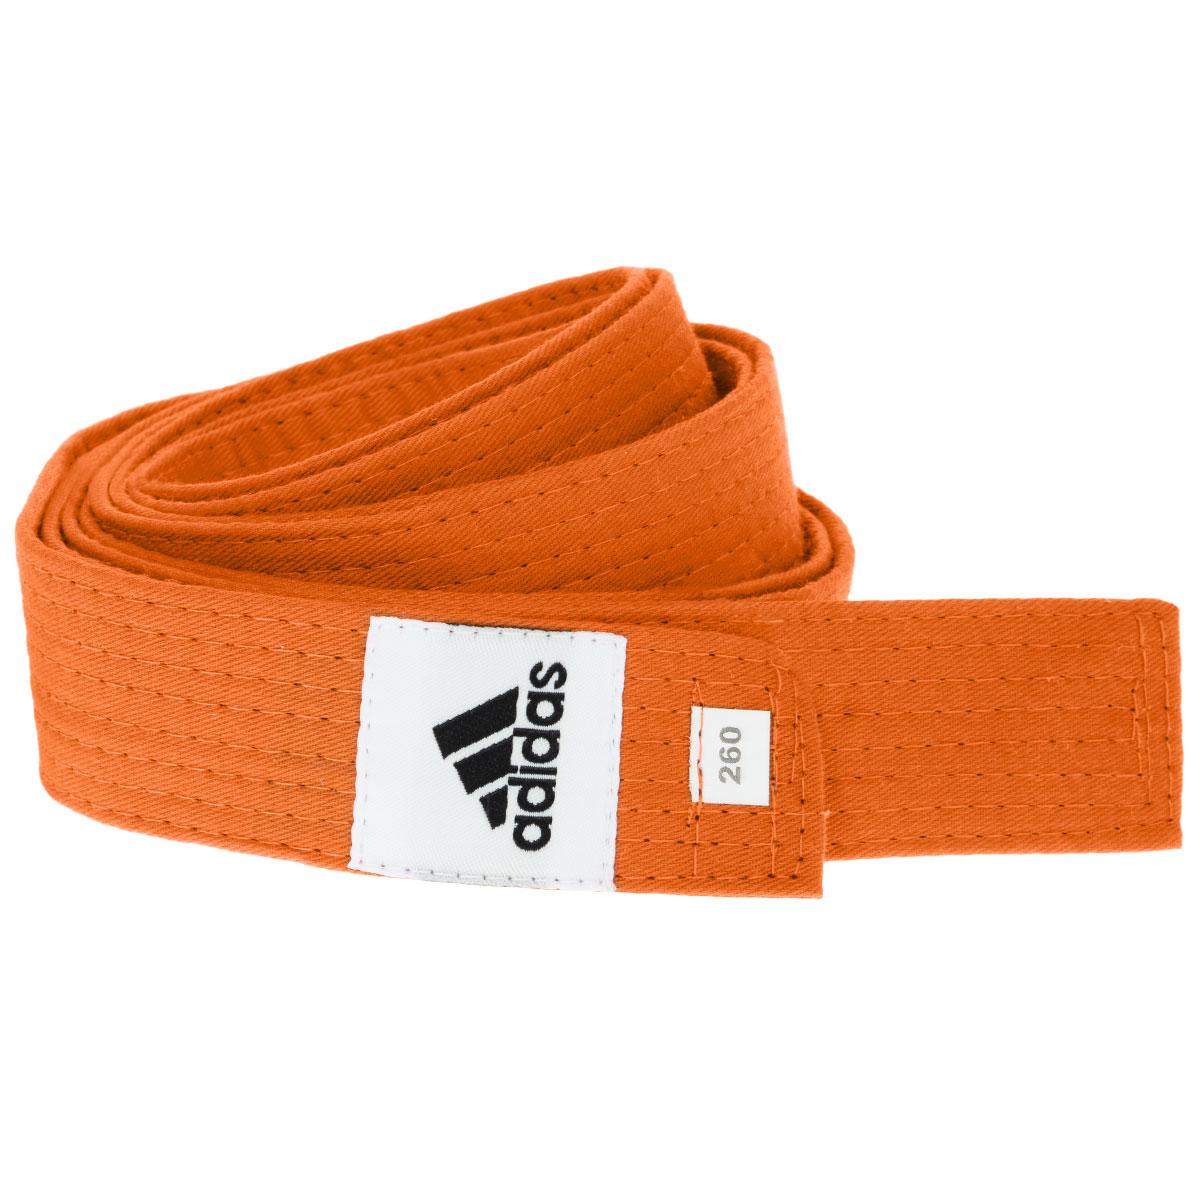 adiB220Пояс для единоборств adidas Club - универсальный пояс для кимоно. Пояс выполнен из плотного хлопкового материала с прострочкой. Такой пояс - необходимый аксессуар для тех, кто занимается боевыми искусствами.